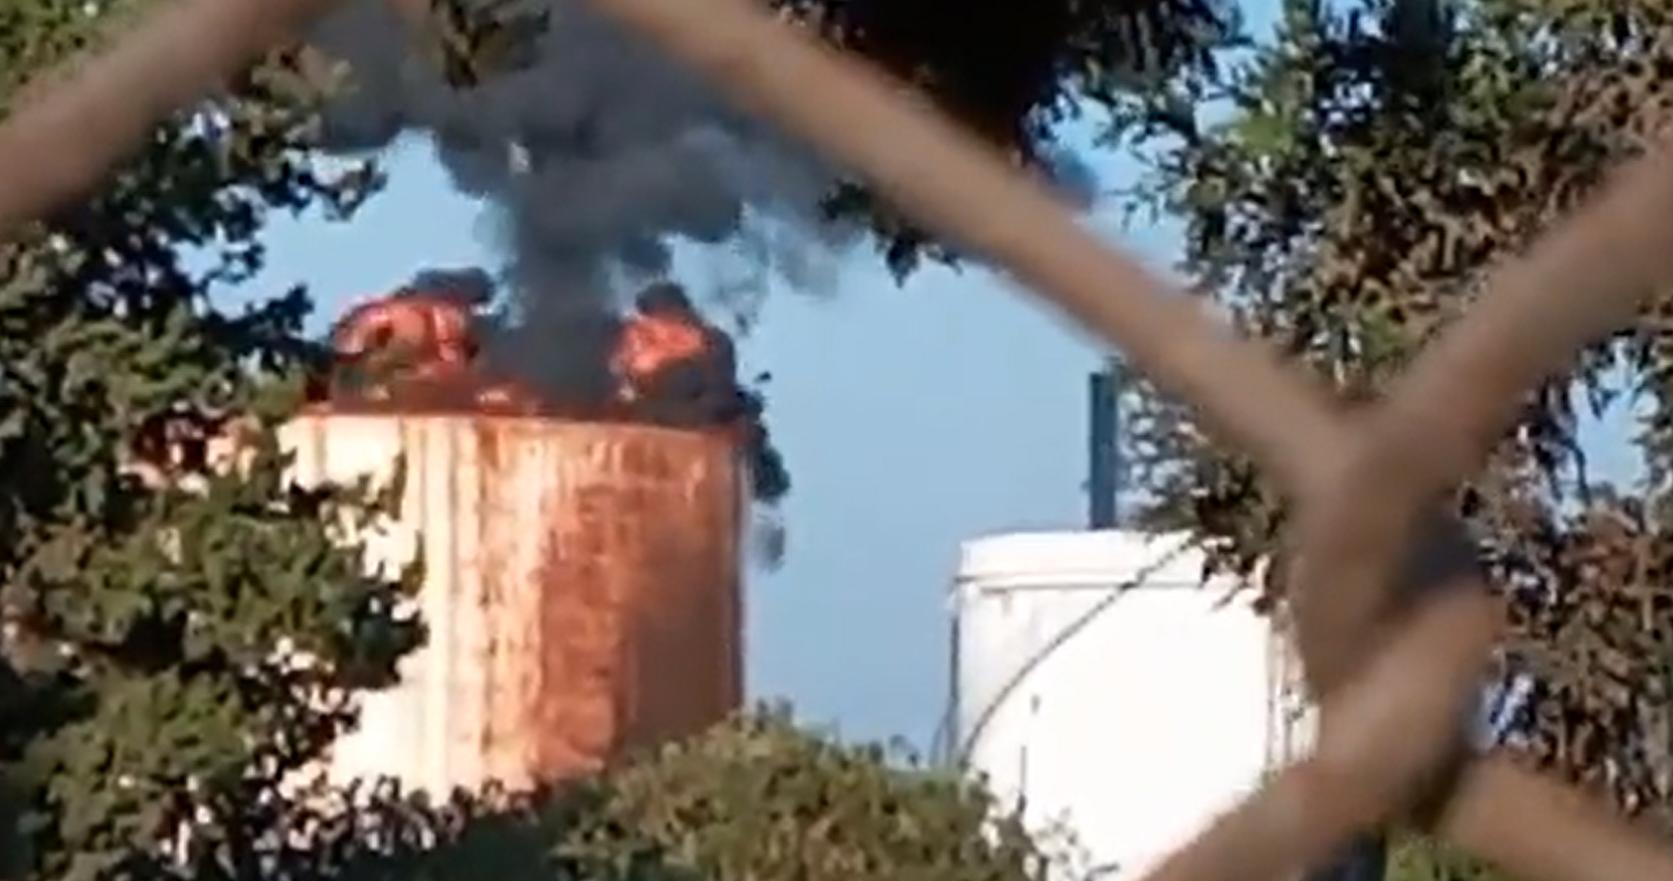 Λίβανος: Φωτιά σε δεξαμενή καυσίμων - Εκκενώθηκαν σπίτια